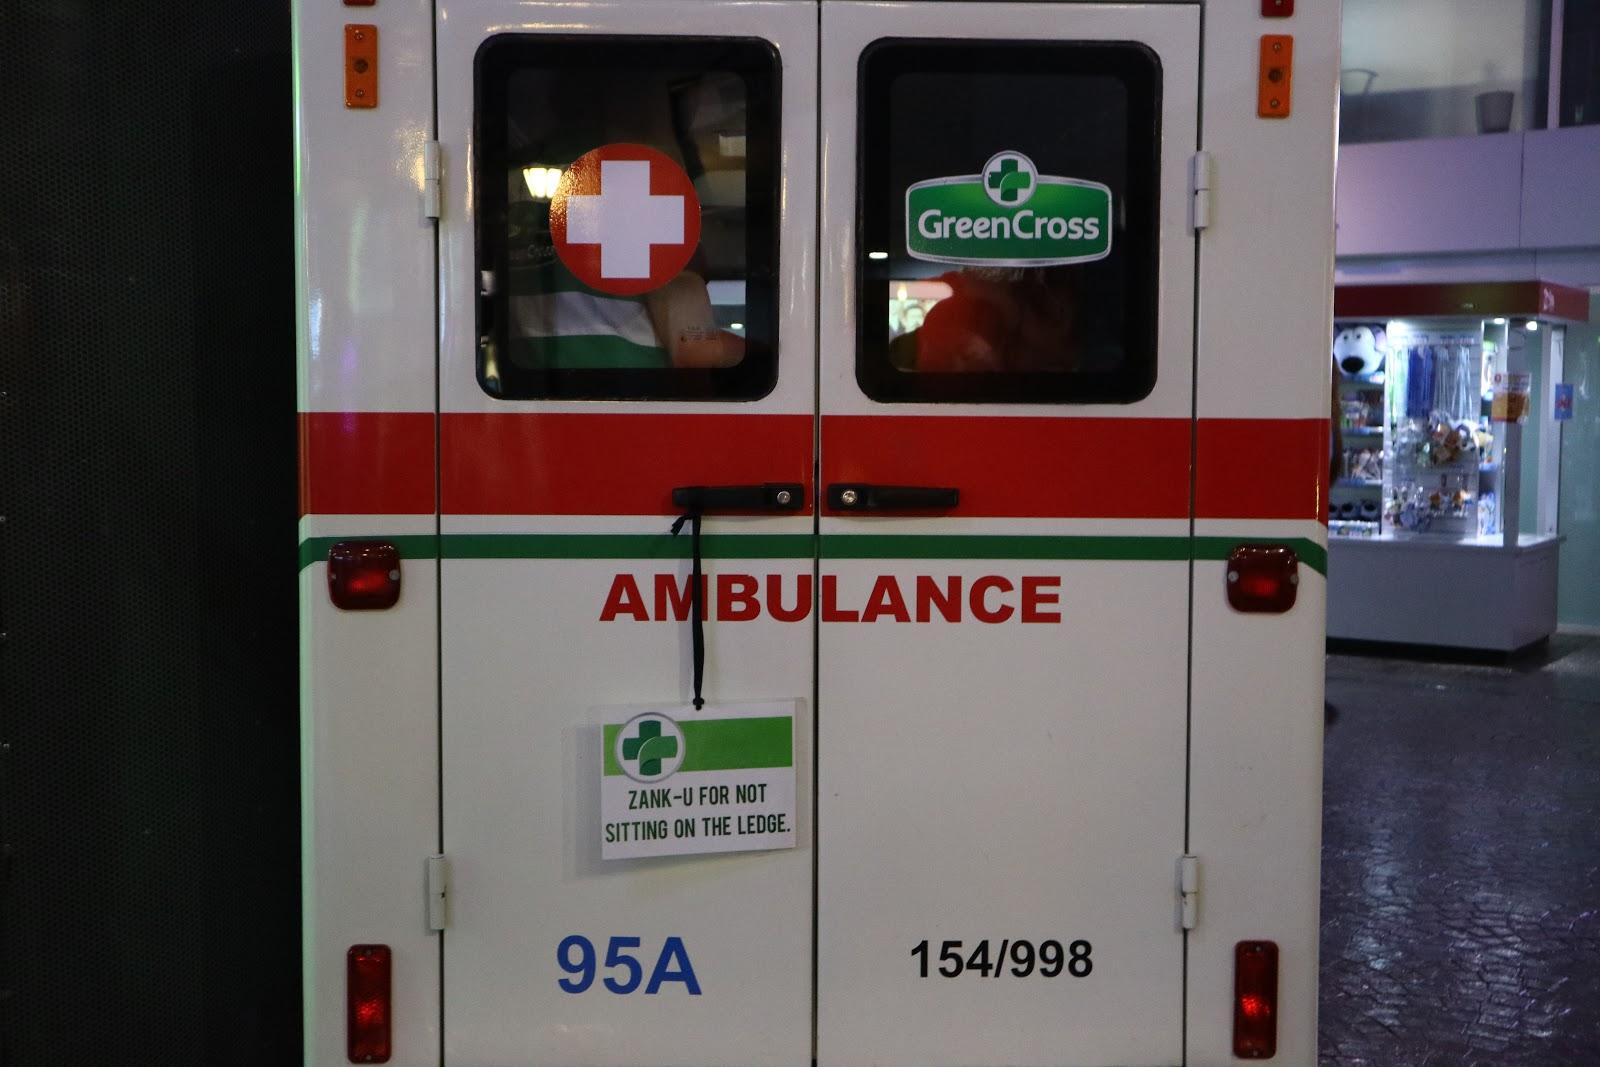 KidZania's very own ambulance c/o Green Cross